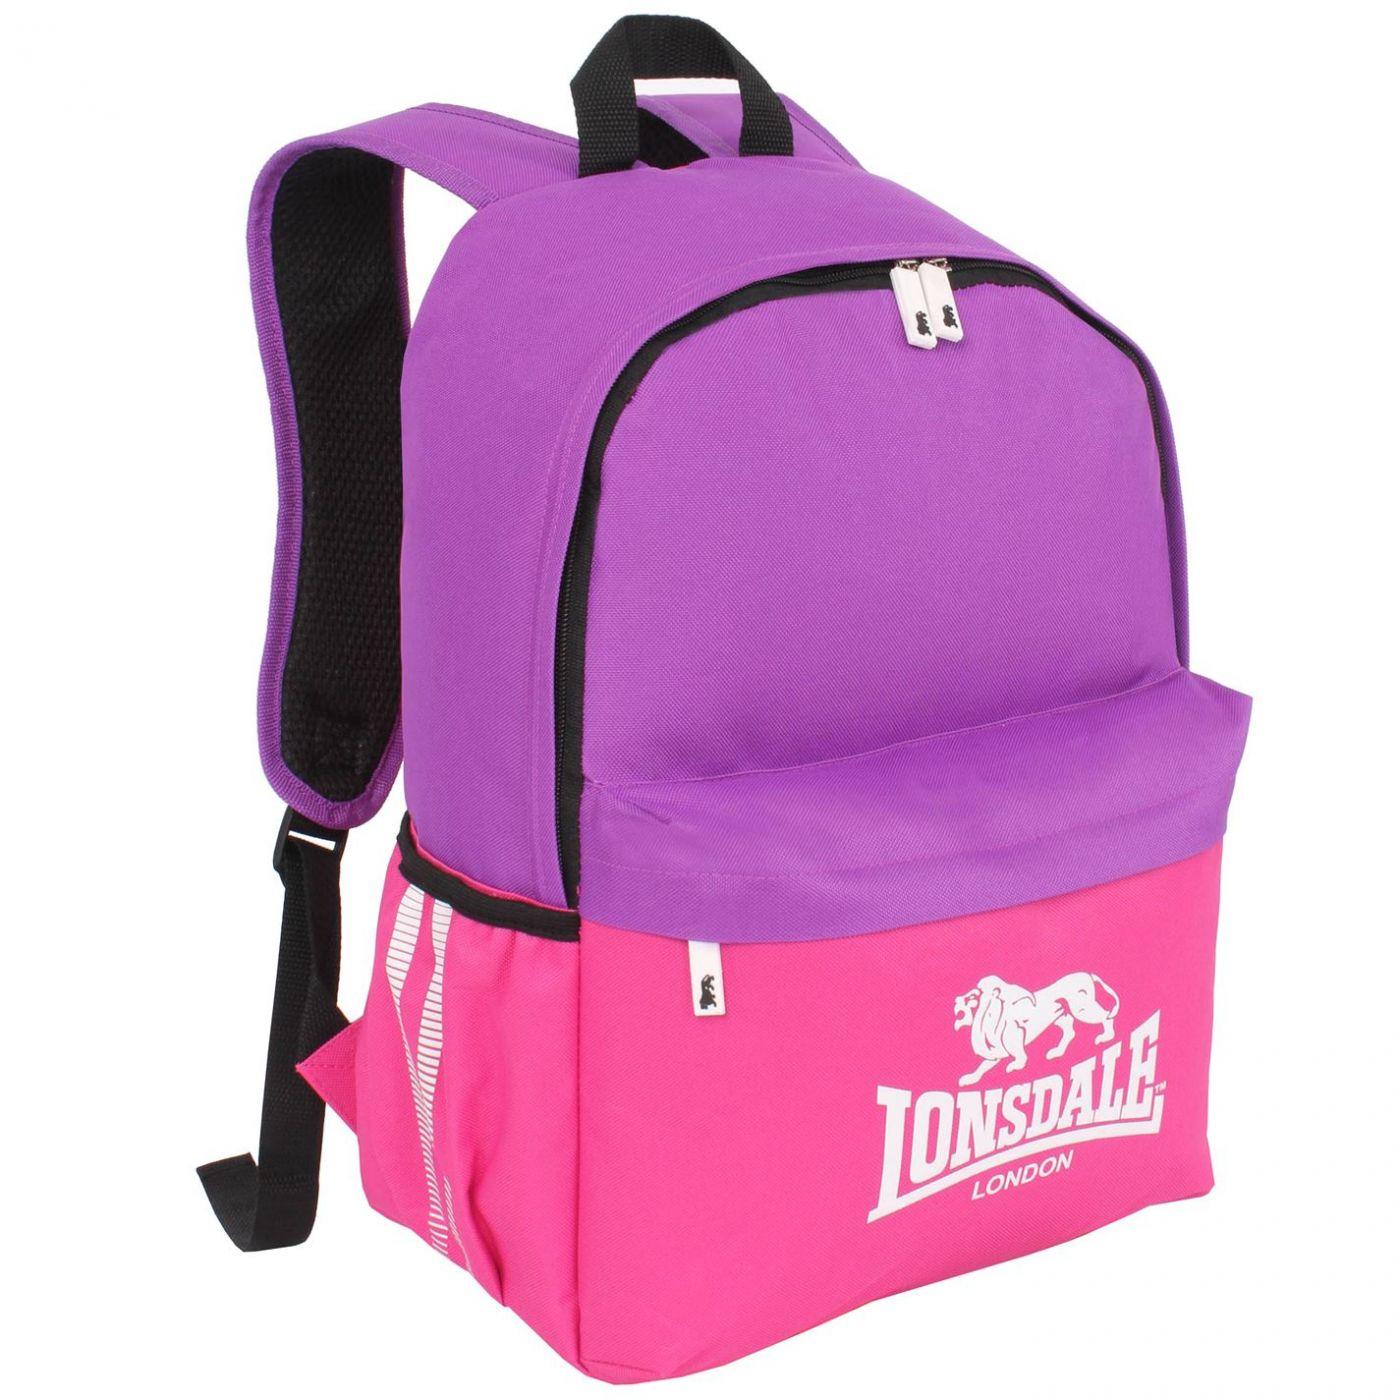 Lonsdale Pocket Backpack